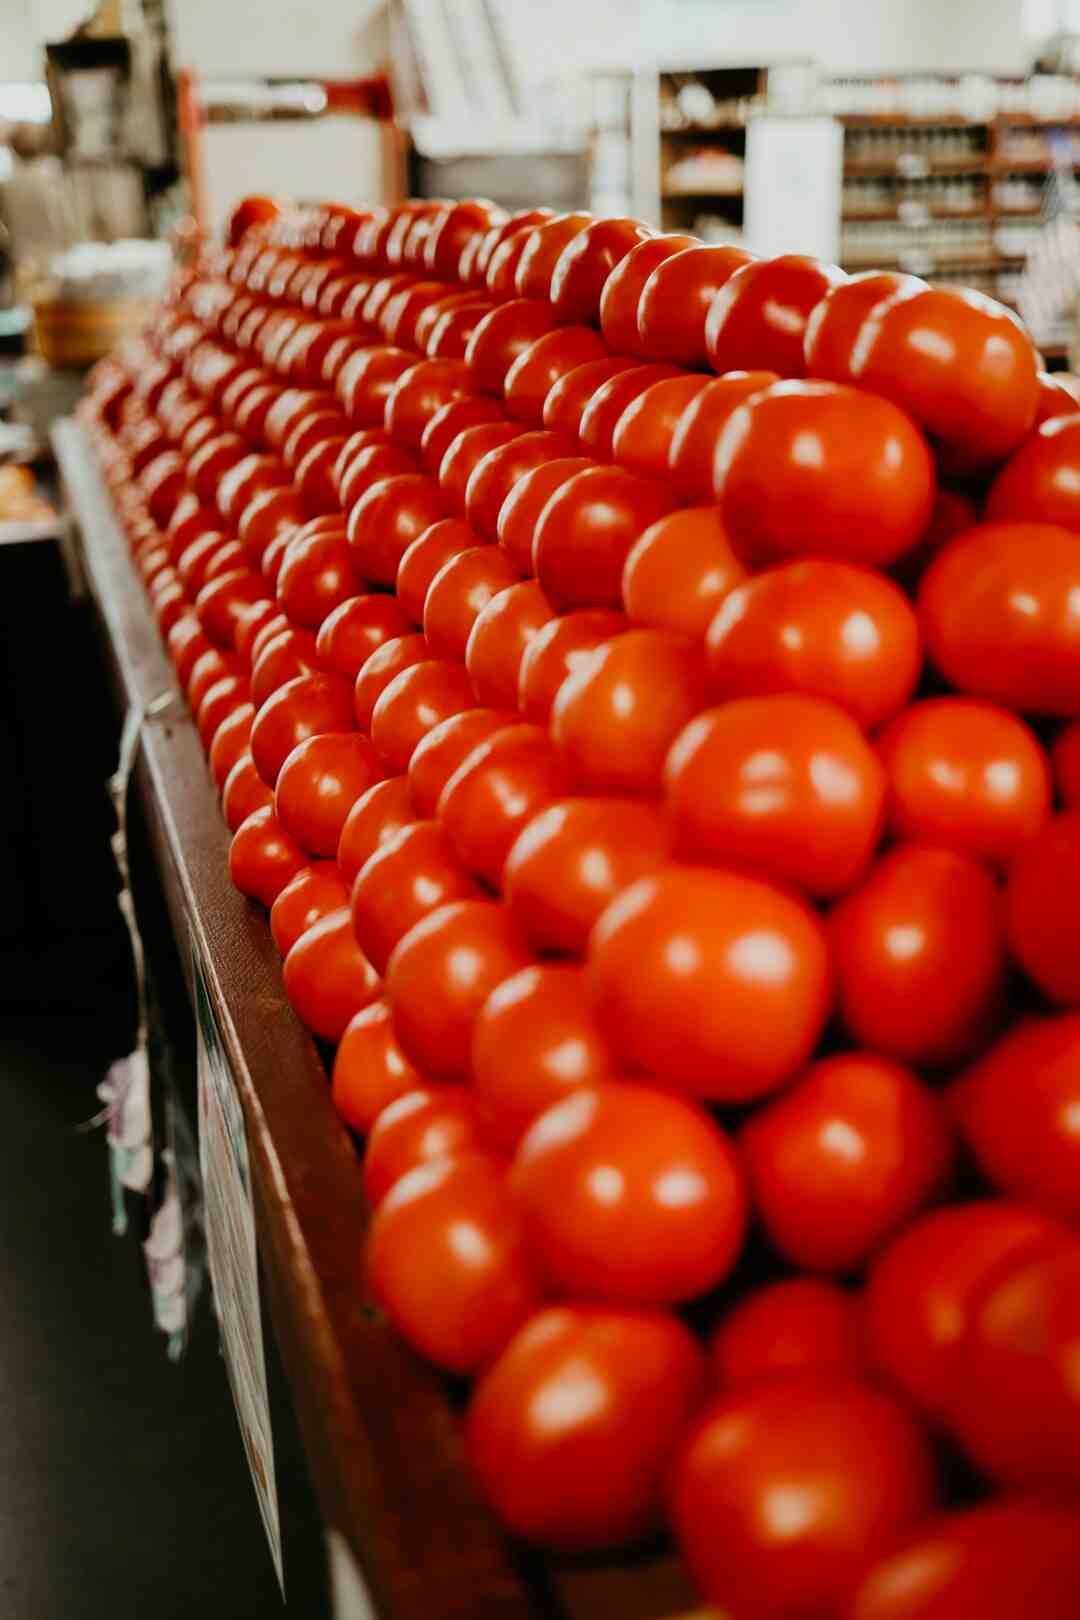 Comment apporter du calcium aux tomates